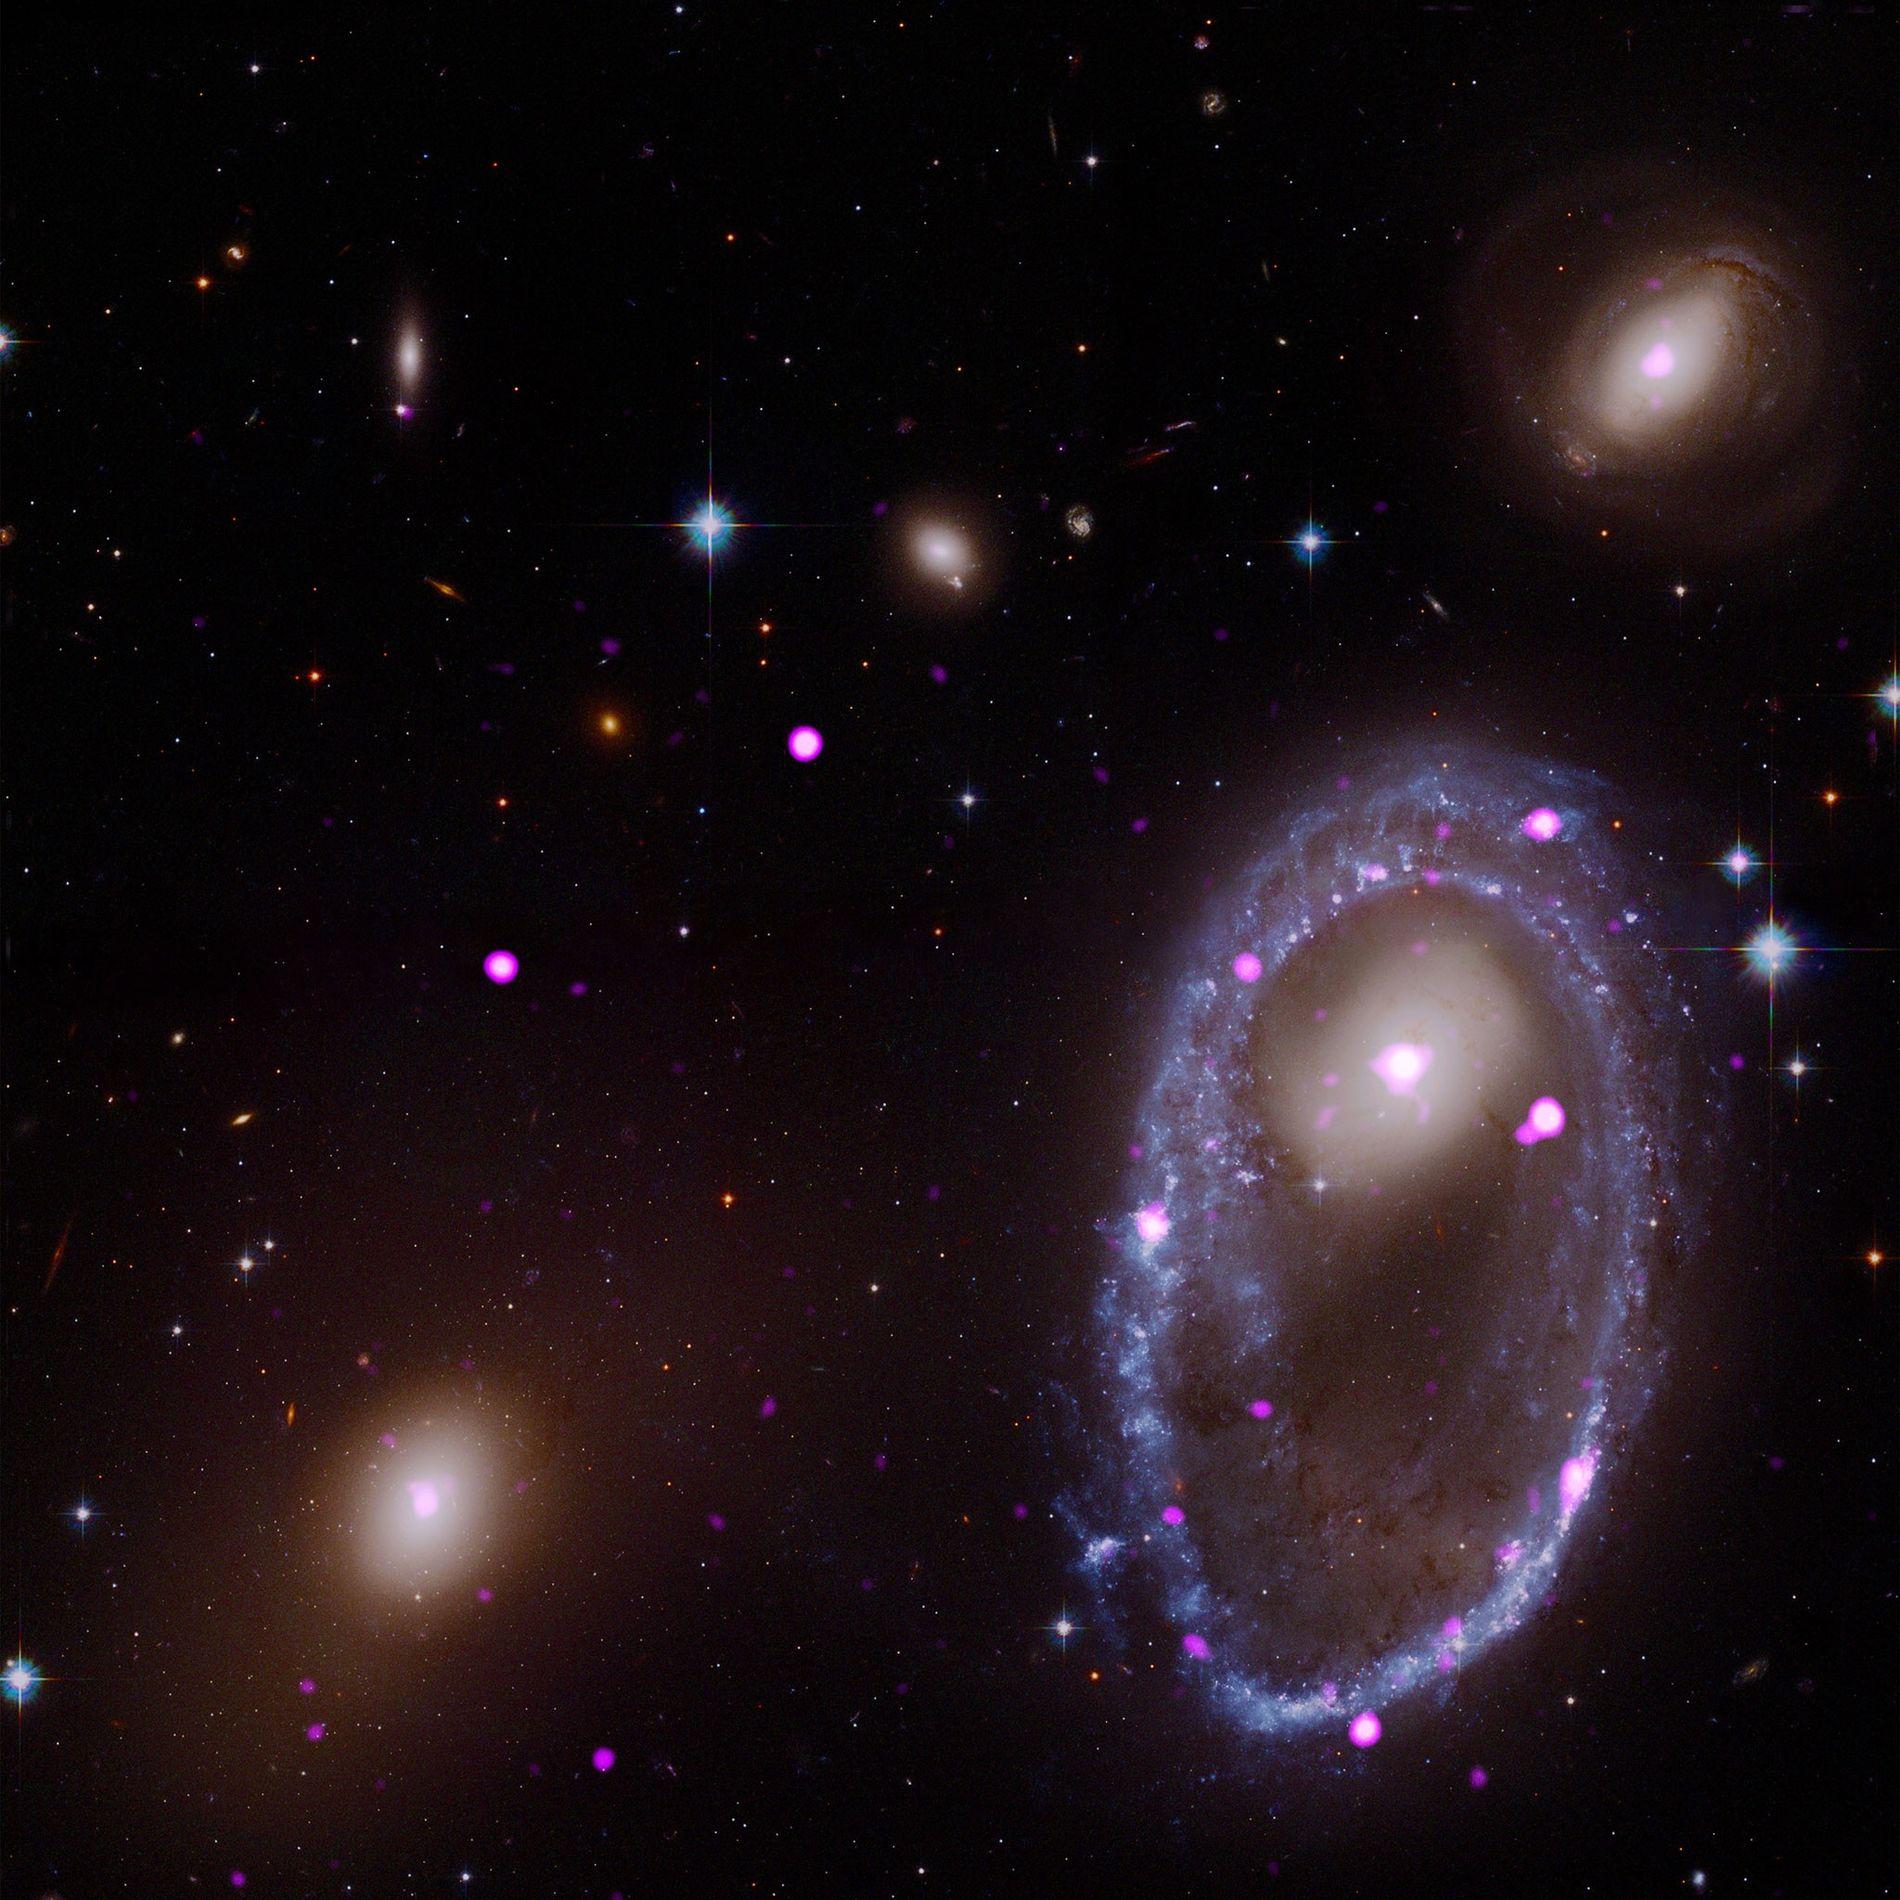 Eine zusammengesetzte Aufnahme der Teleskope Hubble und Chandra zeigt die Ringgalaxie AM 0644-741.